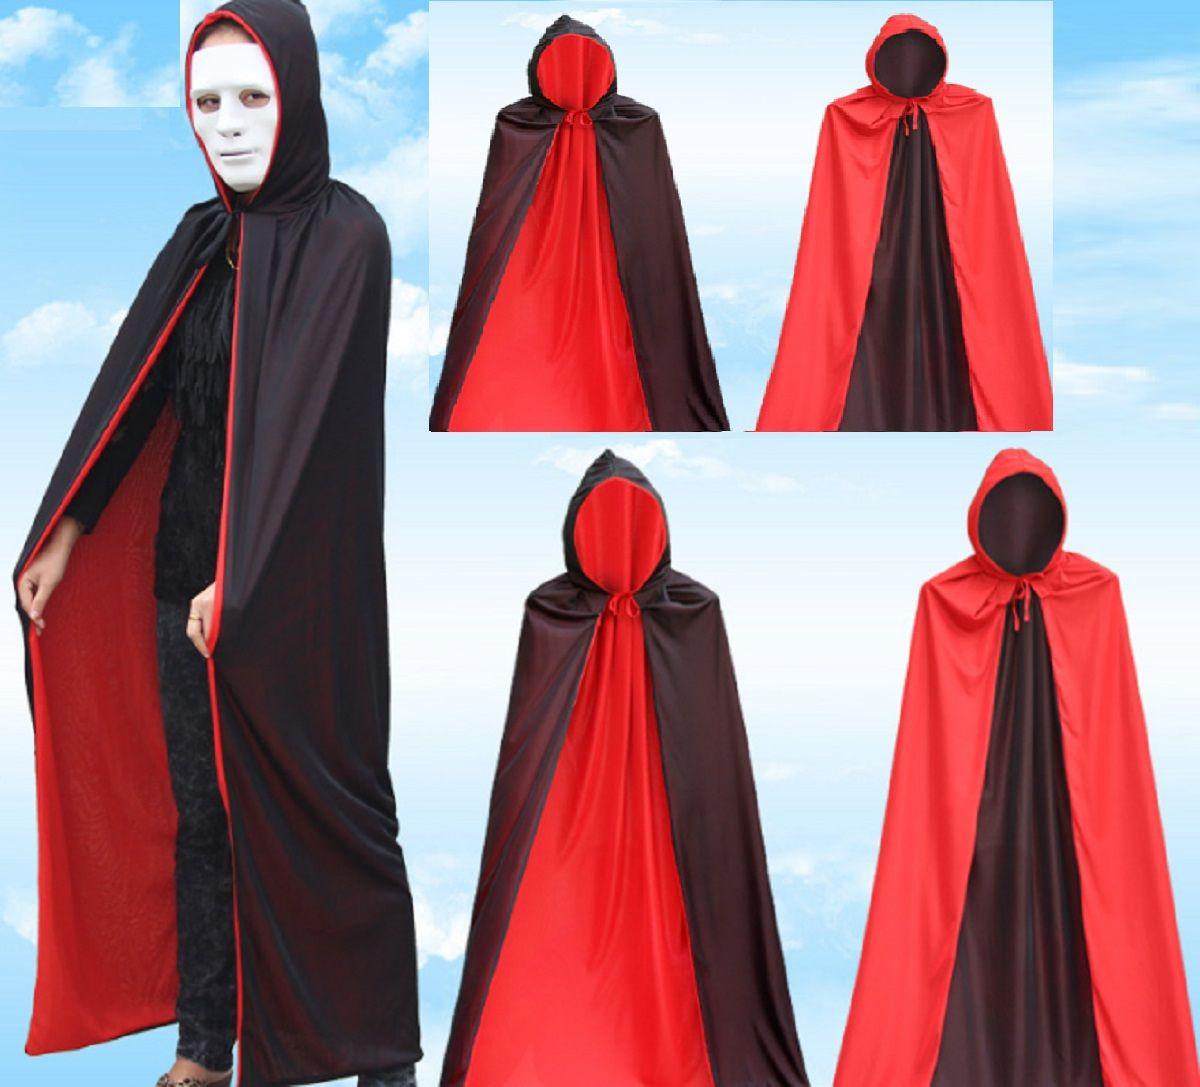 남자의 아주 차가운 뱀파이어 의상 검은 망토, 모자와 할로윈 의상 뱀파이어 마술사의 망토 양면 폴리 에스테르 망토